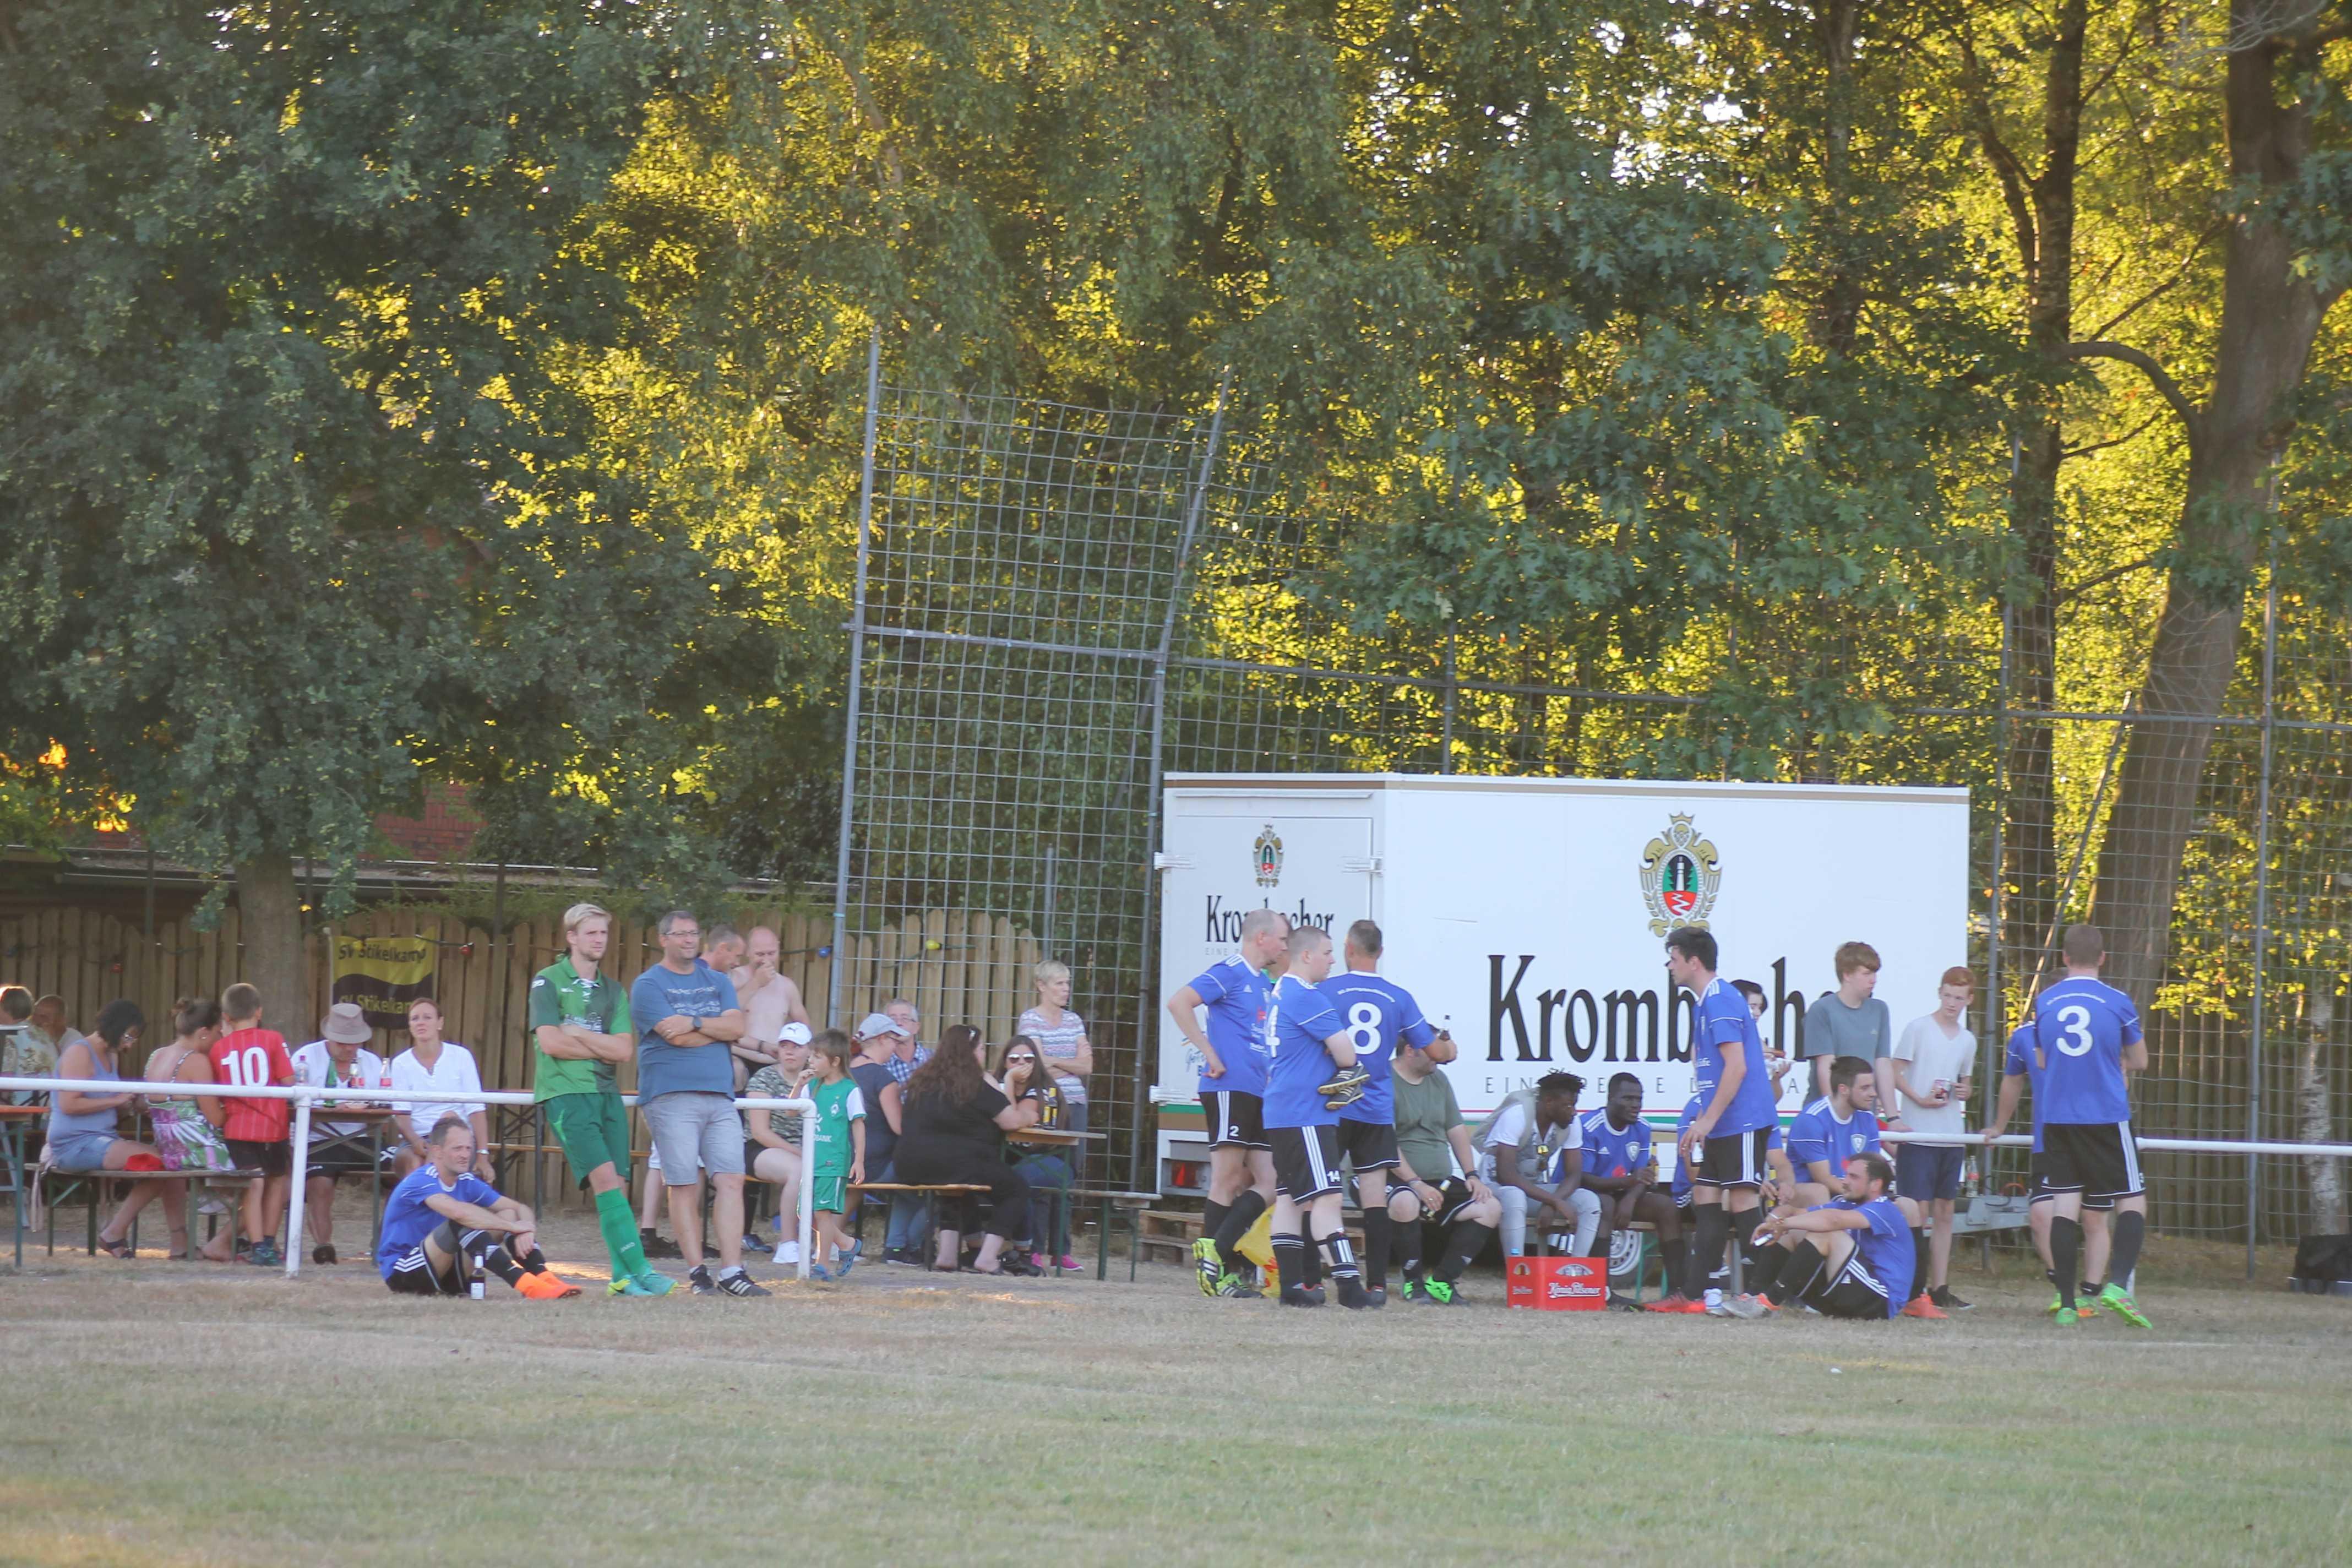 2018-08-03 Sportwoche - 2. und 3. Herrenturnier (26)